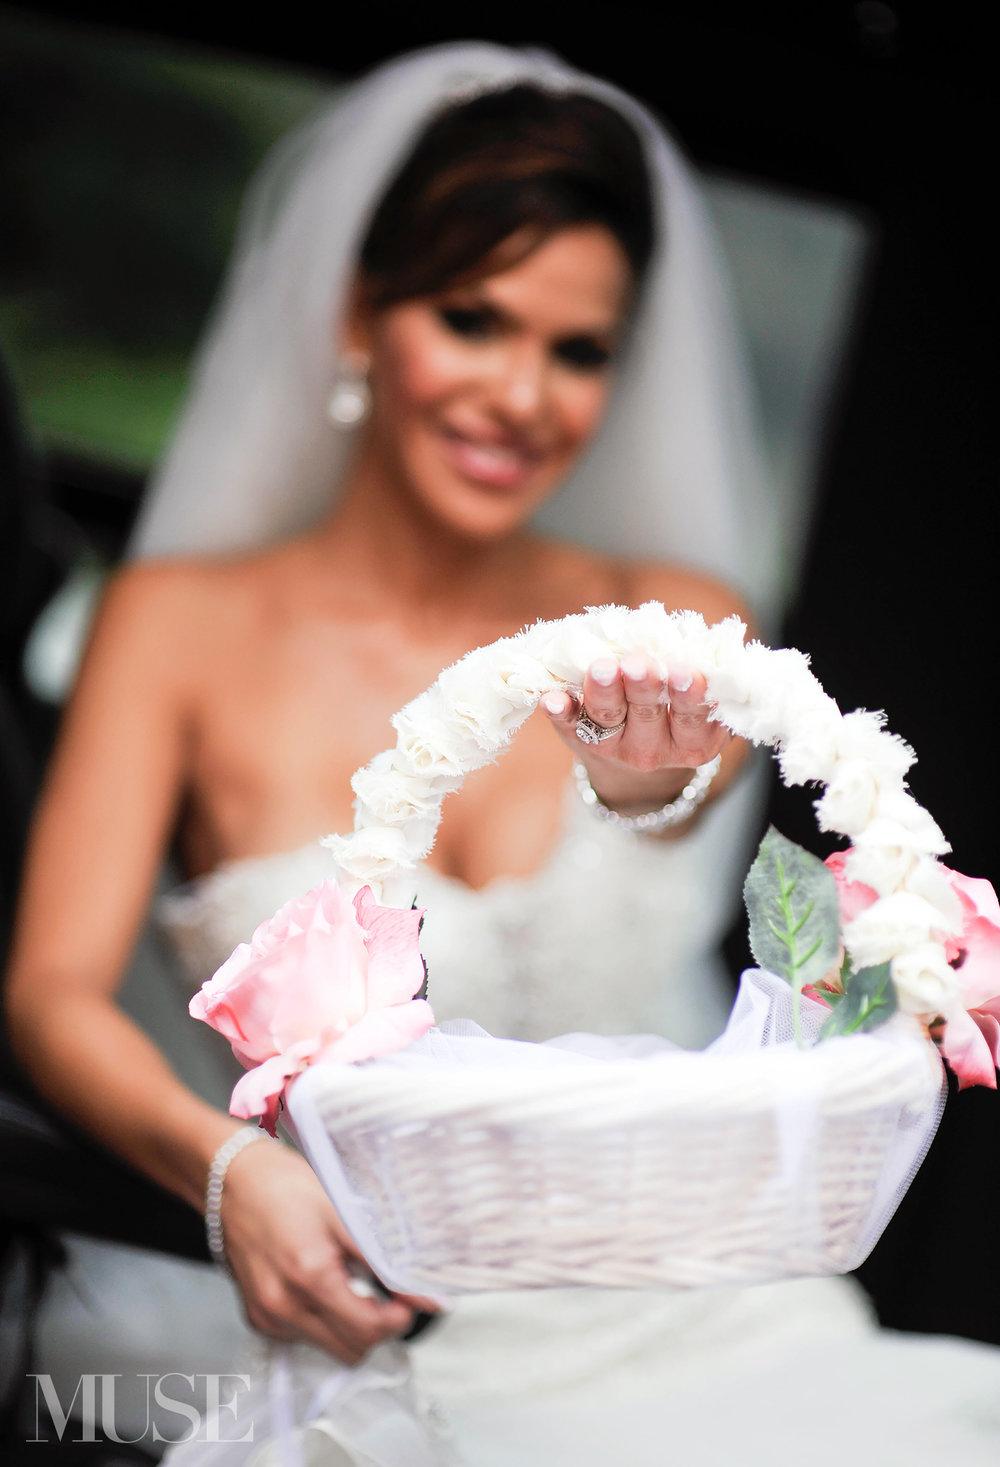 MUSE Bride - Still Life